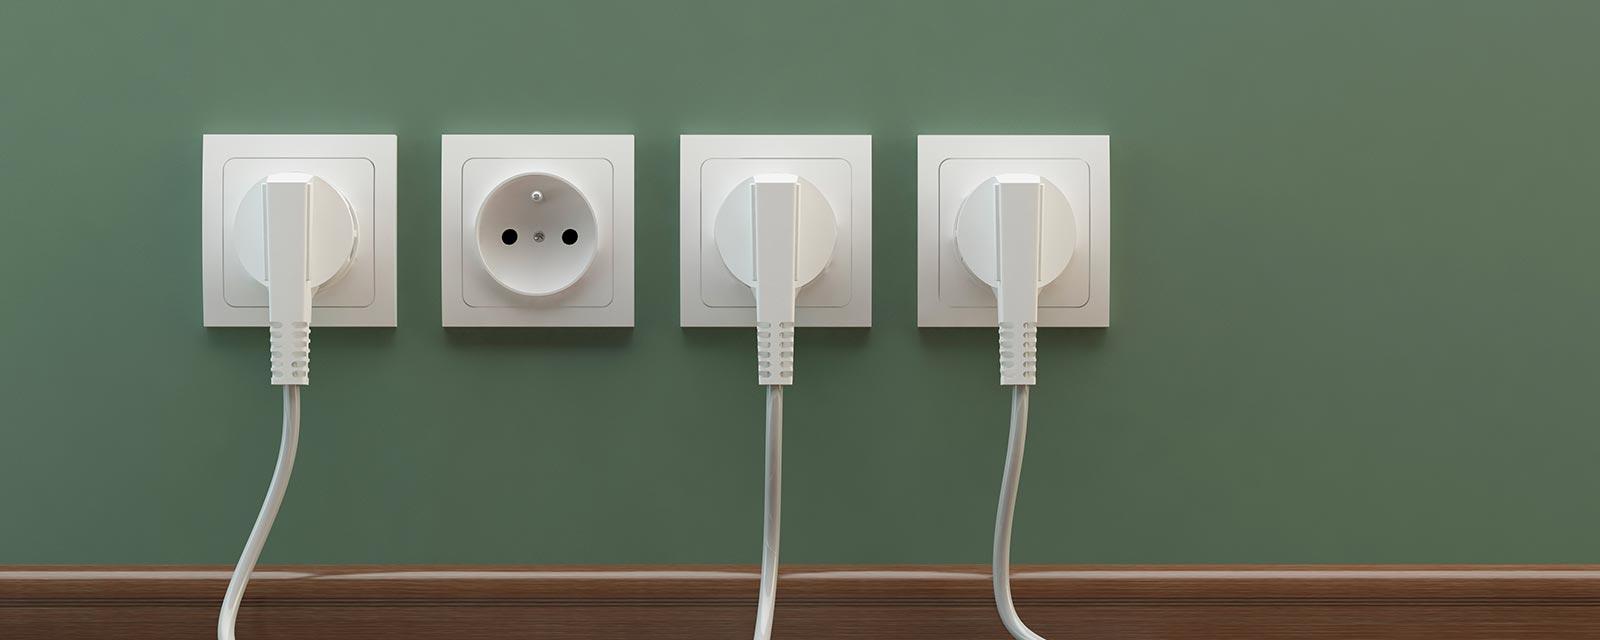 Boite Cache Prise Electrique comment changer une prise électrique ? | guide artisan